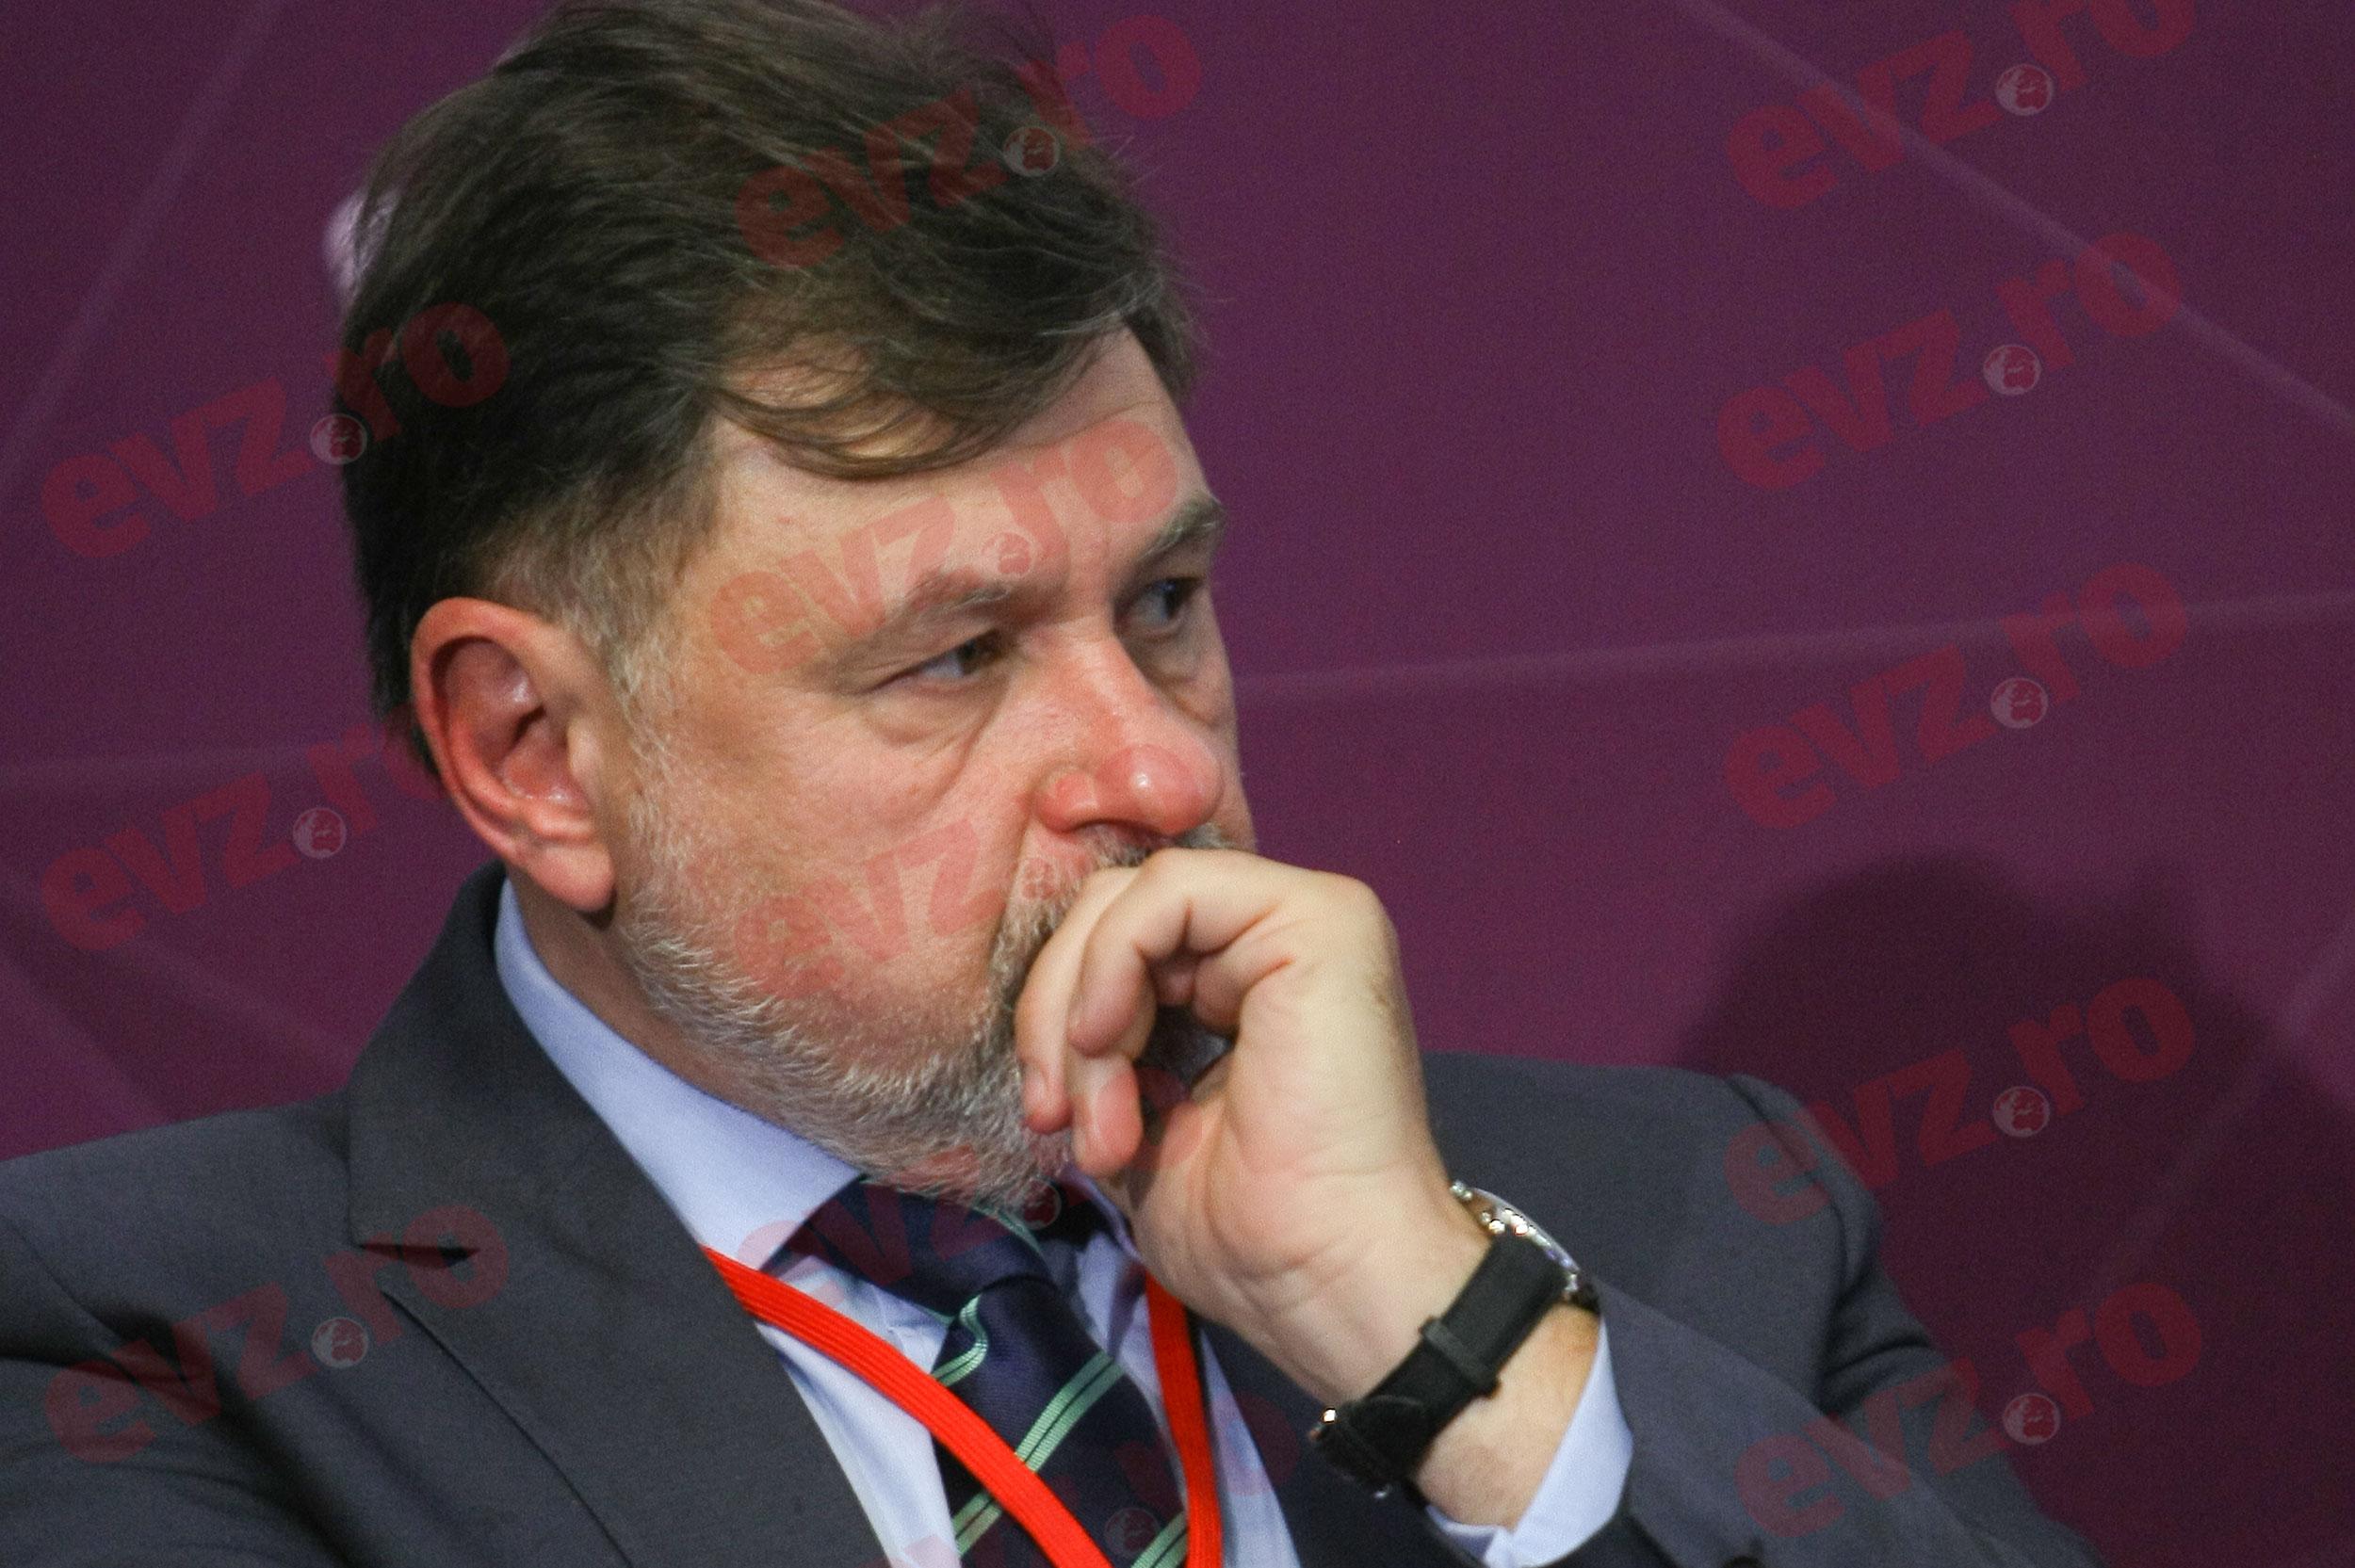 Când revin restricțiile în România? Alexandru Rafila evocă scenariul de groază